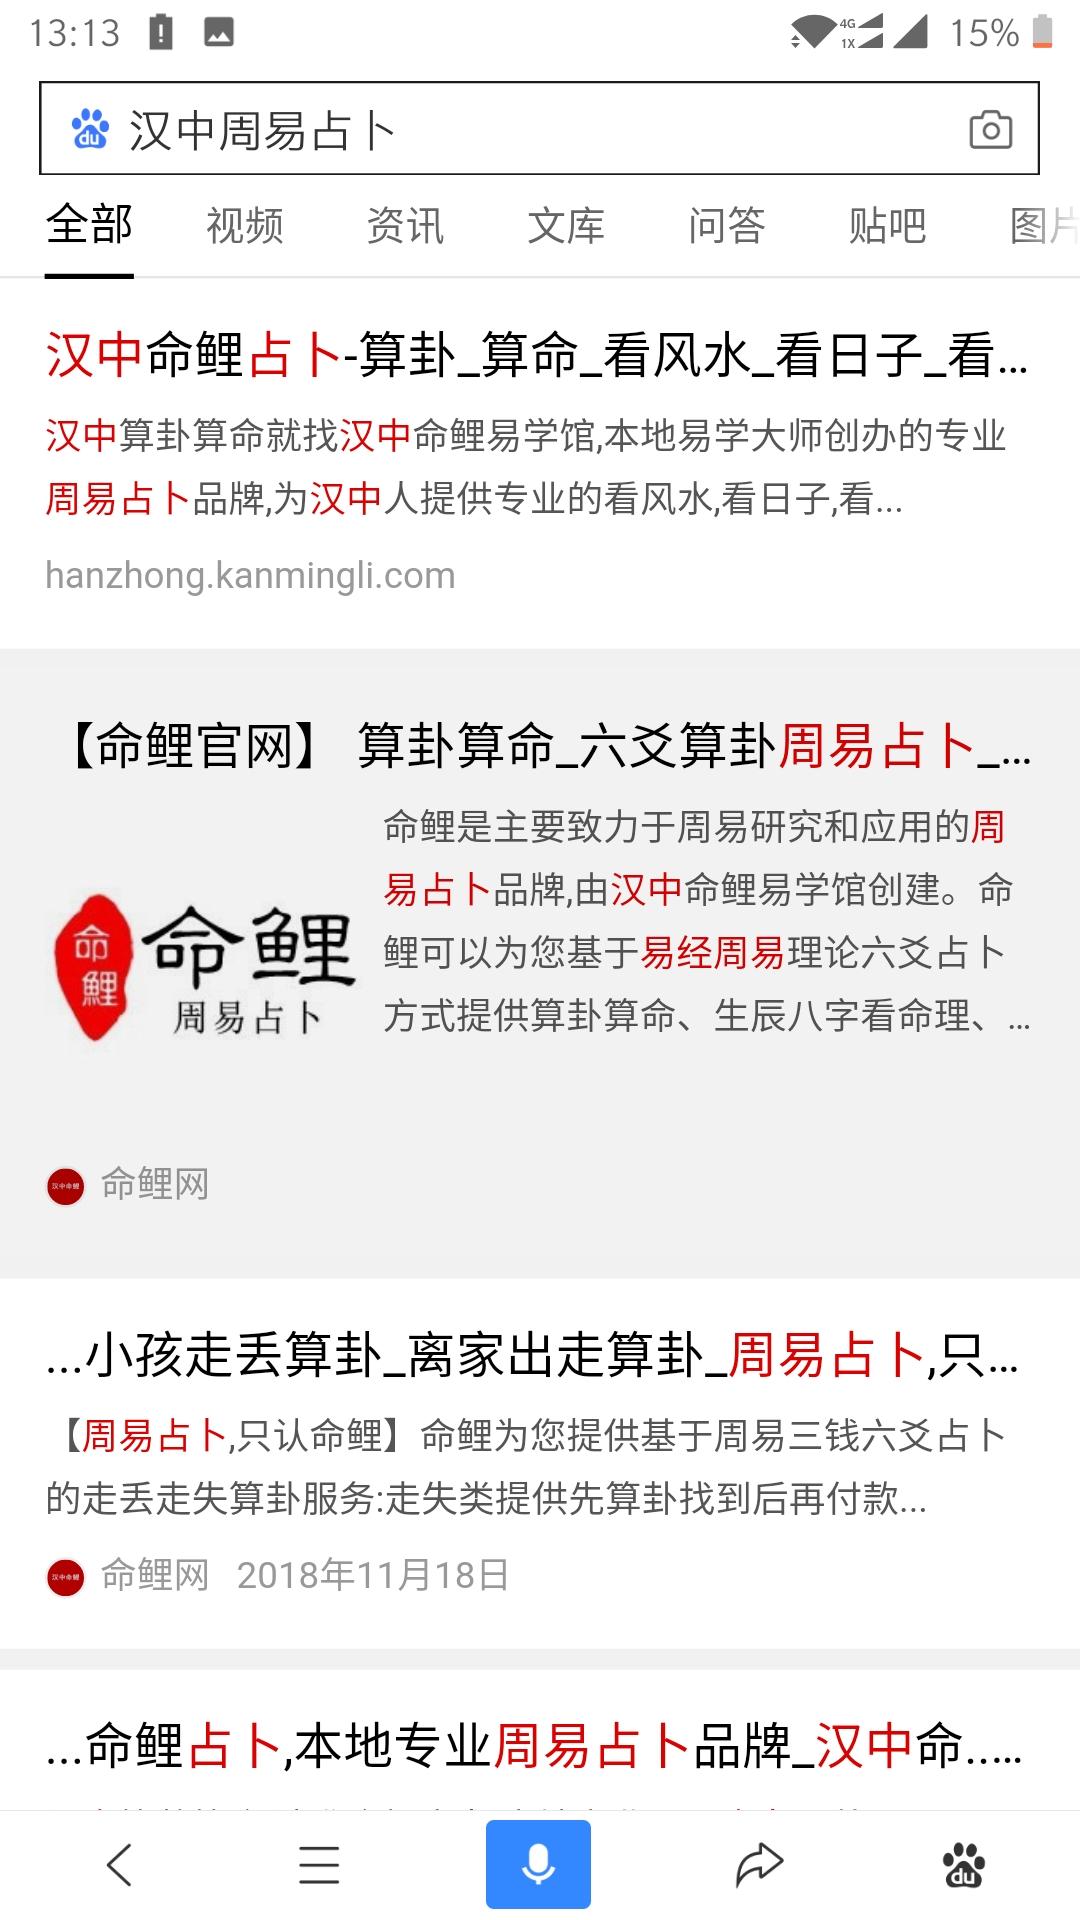 汉中SEO优化,关键词排名案例:命鲤